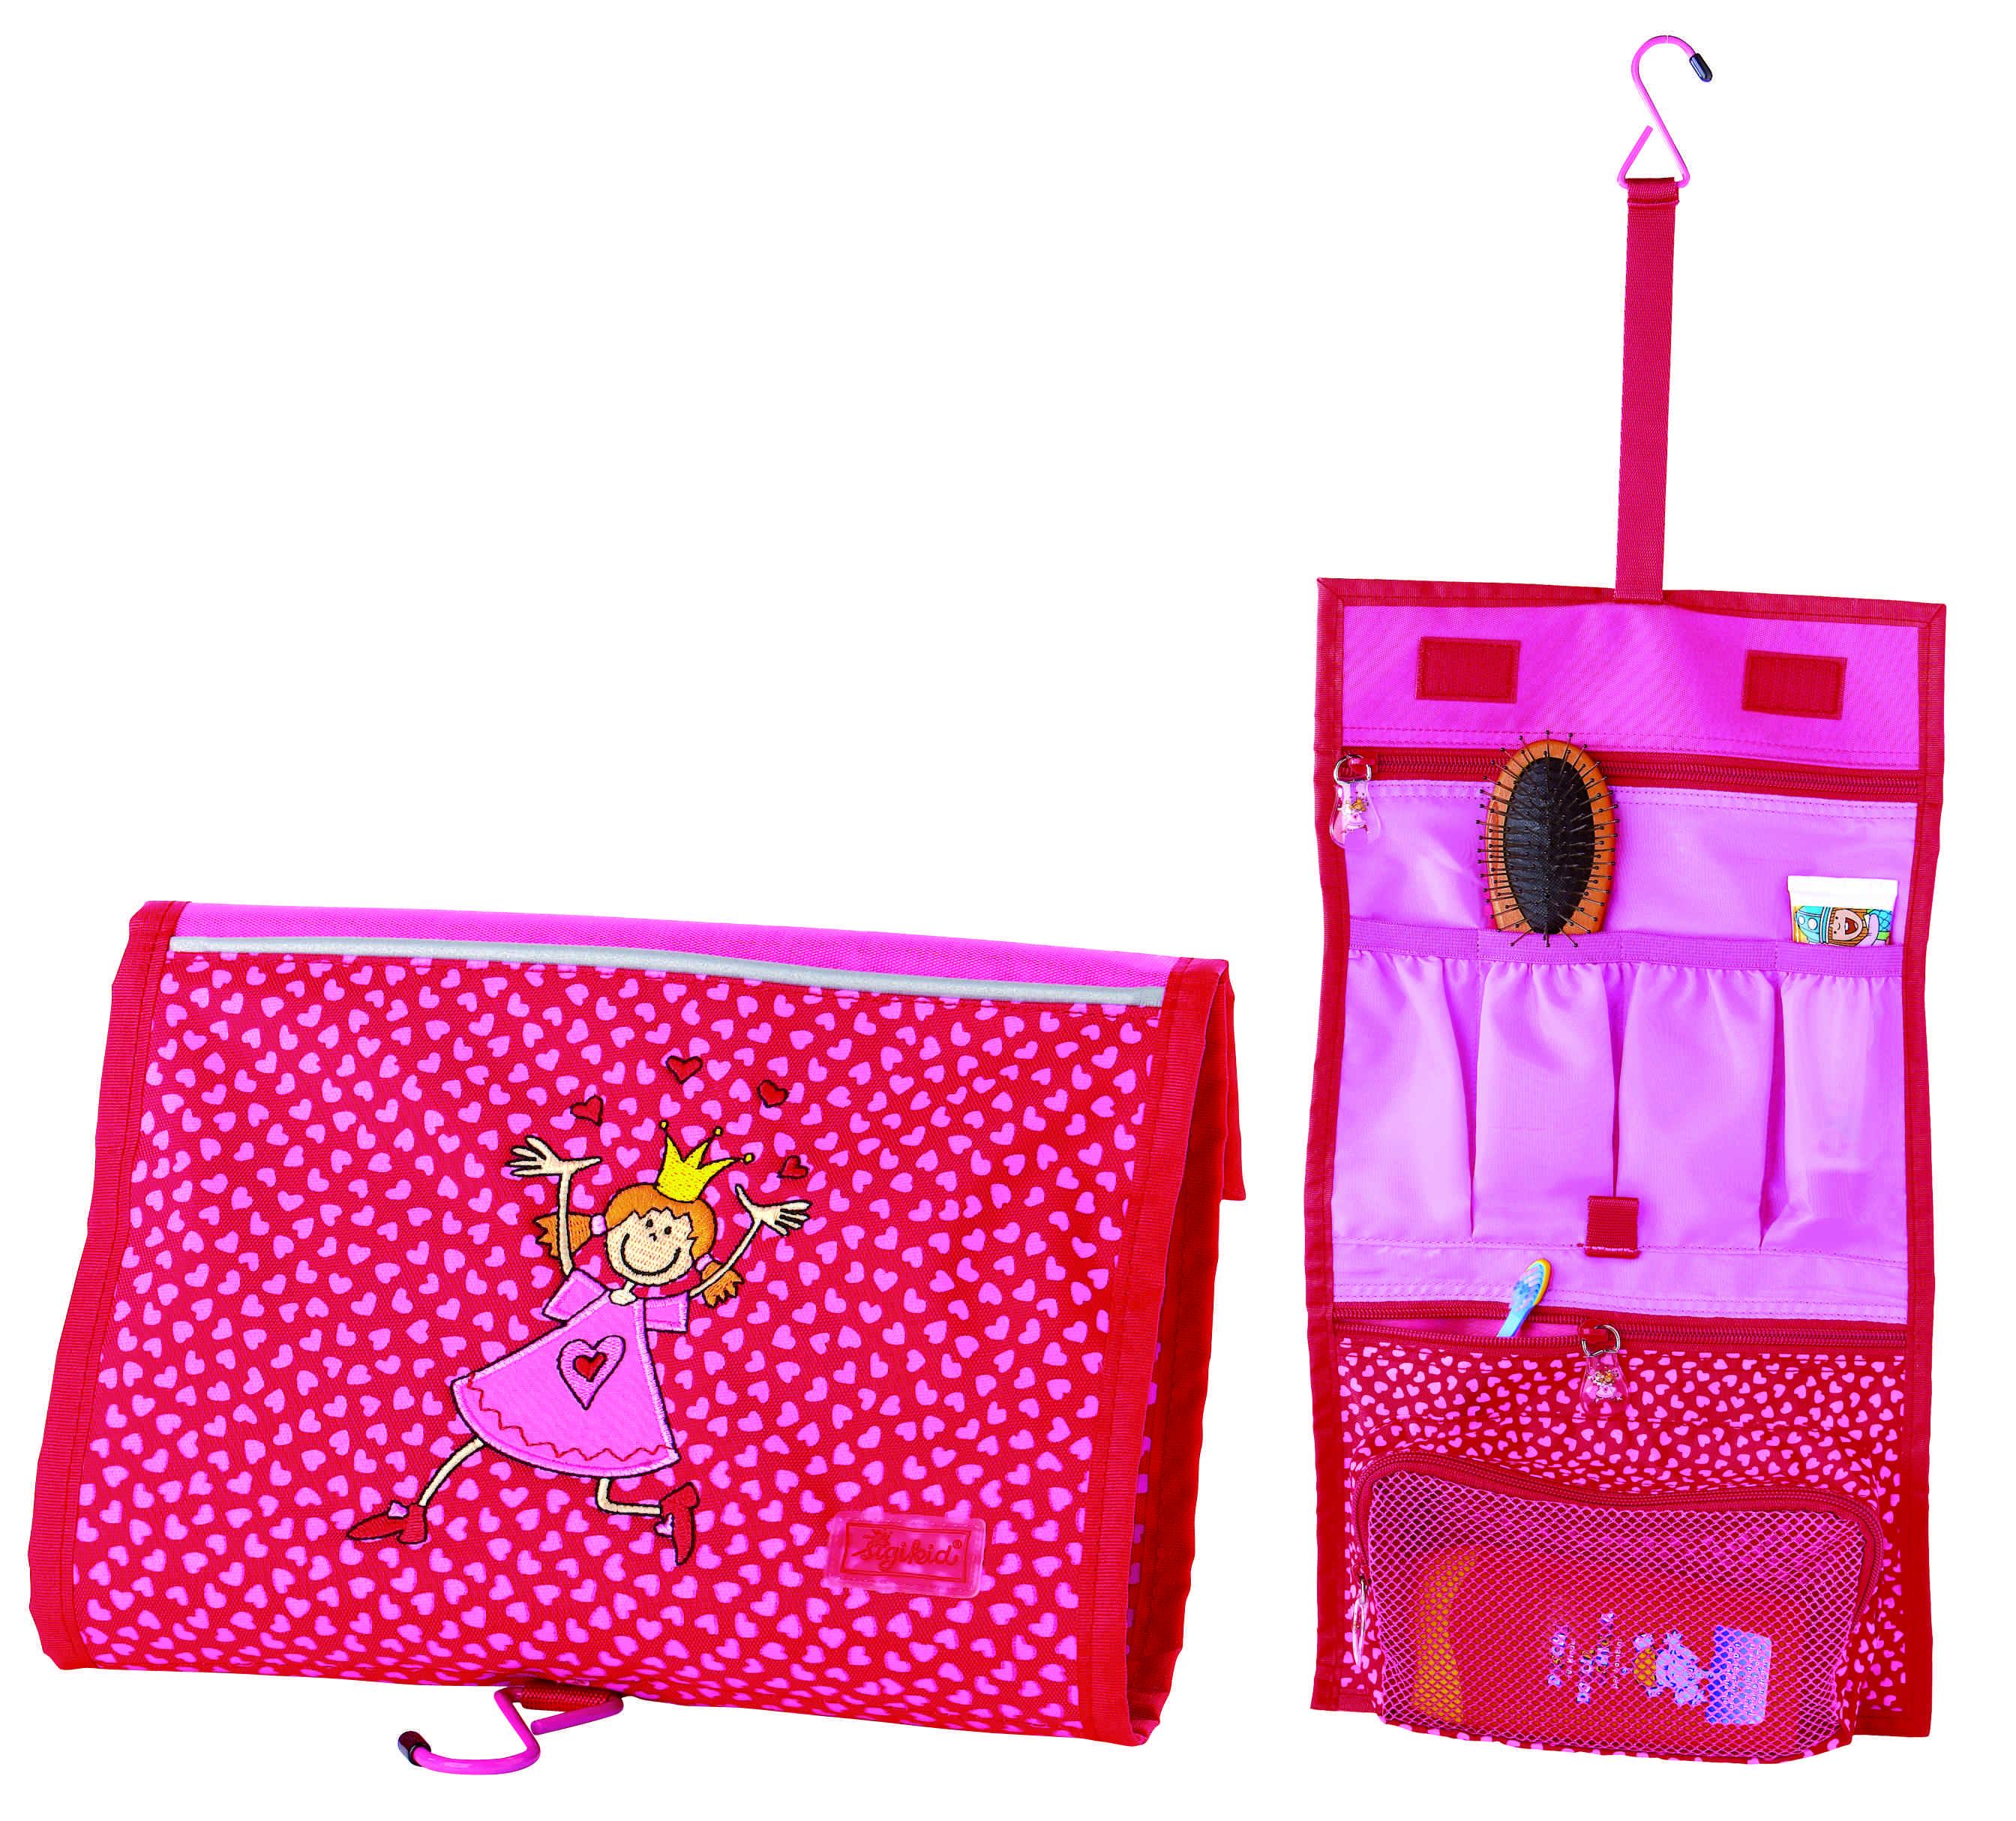 Pinky Queeny. Der Name ist beim Kinderspezialisten Sigikid Programm. Eine sehr rosane Waschtasche für kleine Hohheiten.  Foto:(c) www.imagesportal.com